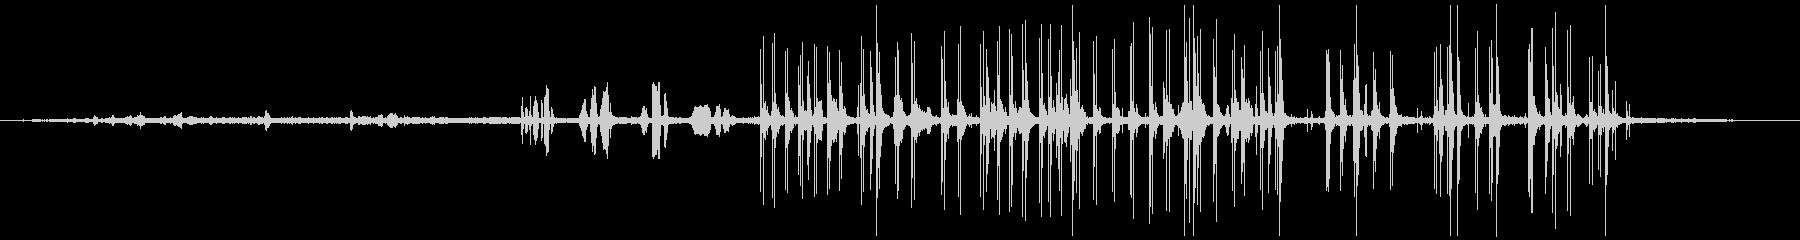 人質シーン:ラジオチャット、音声、...の未再生の波形